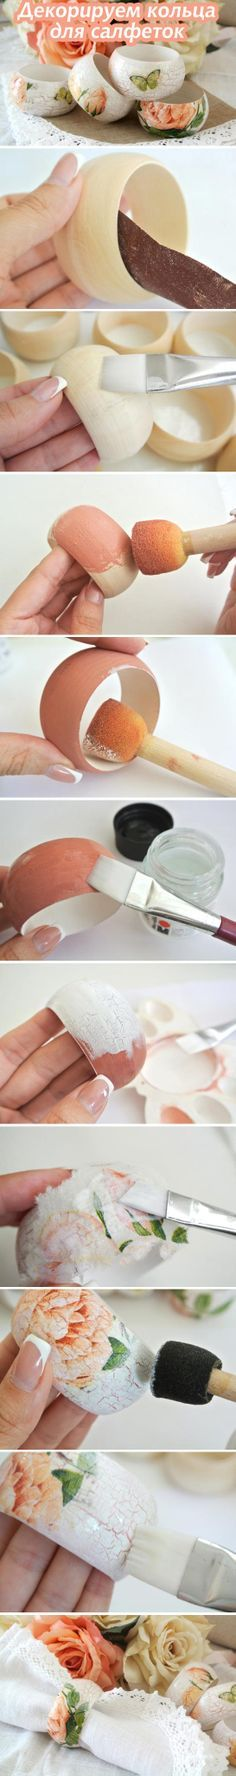 Кольца для салфеток с эффектом кракле в стиле шебби шик / Napkin Rings Decoupage Tutorial